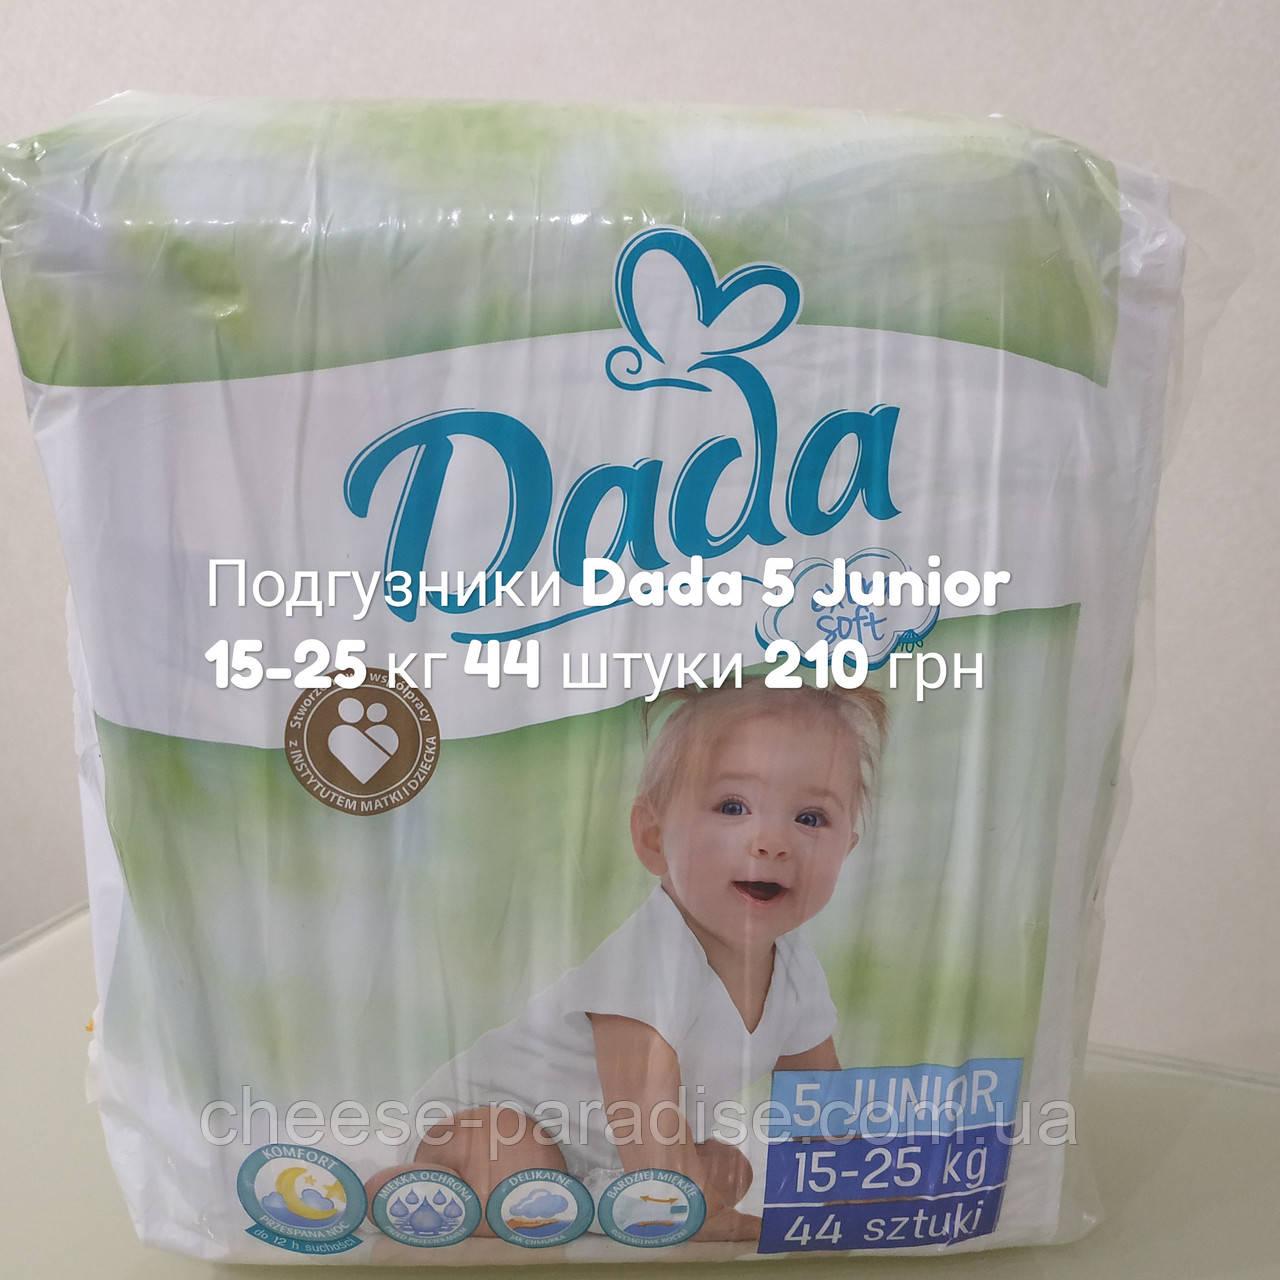 Подгузники Dada 5 Junior (15 - 25 кг) 44 шт.  продажа, цена в Одессе ... ba9b9e8f194